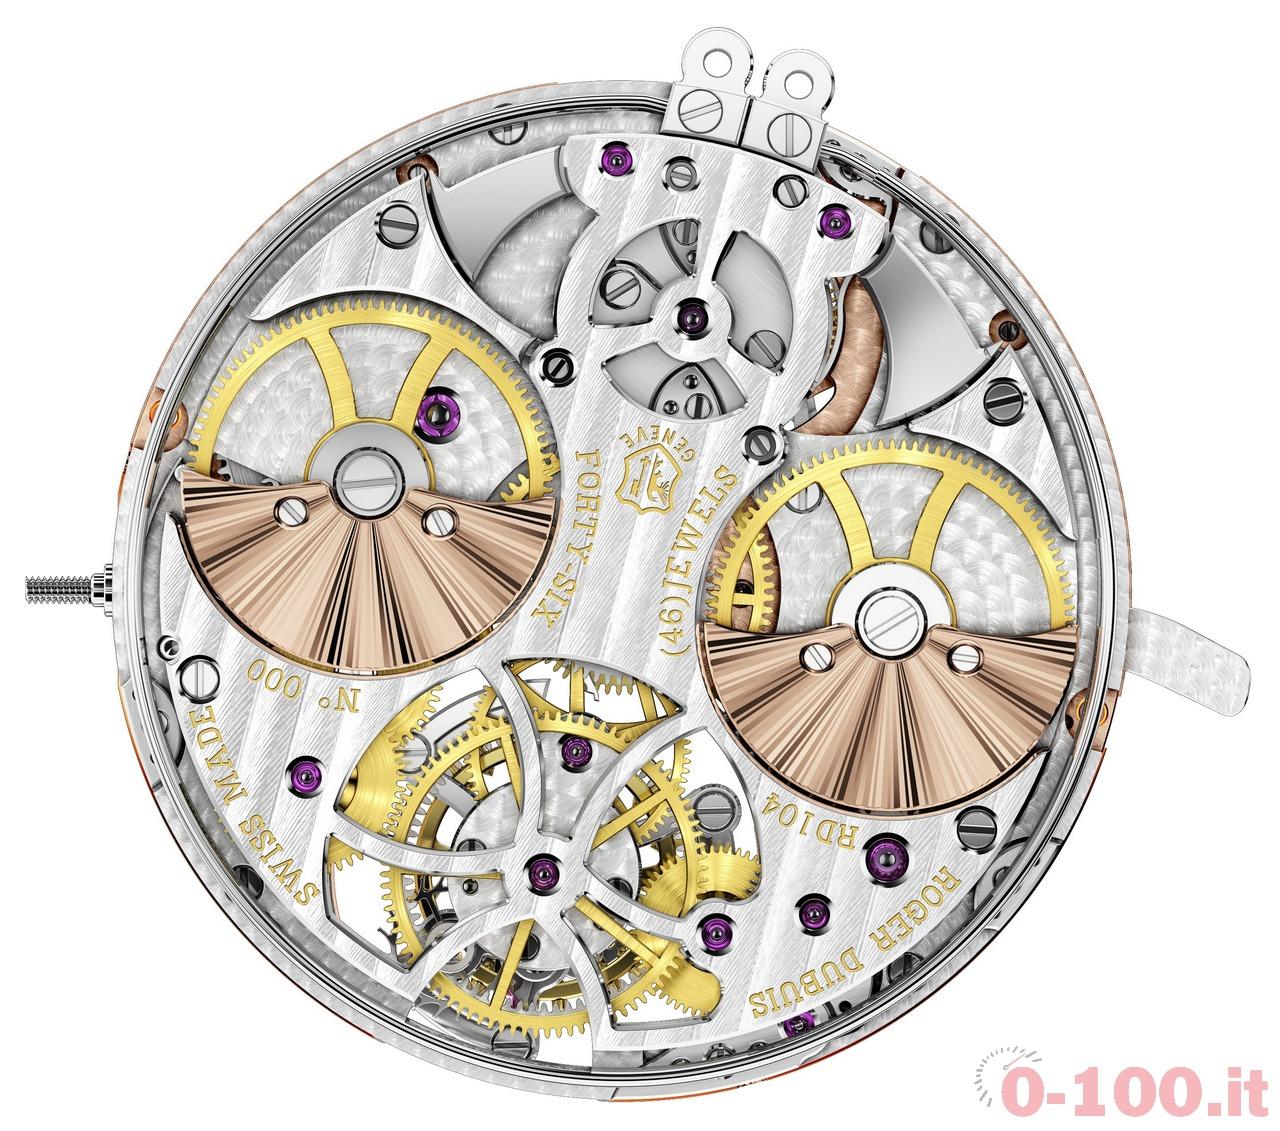 roger-dubuis-hommage-ripetizione-minuti-tourbillon-automatico-limited-edition-0-100_13